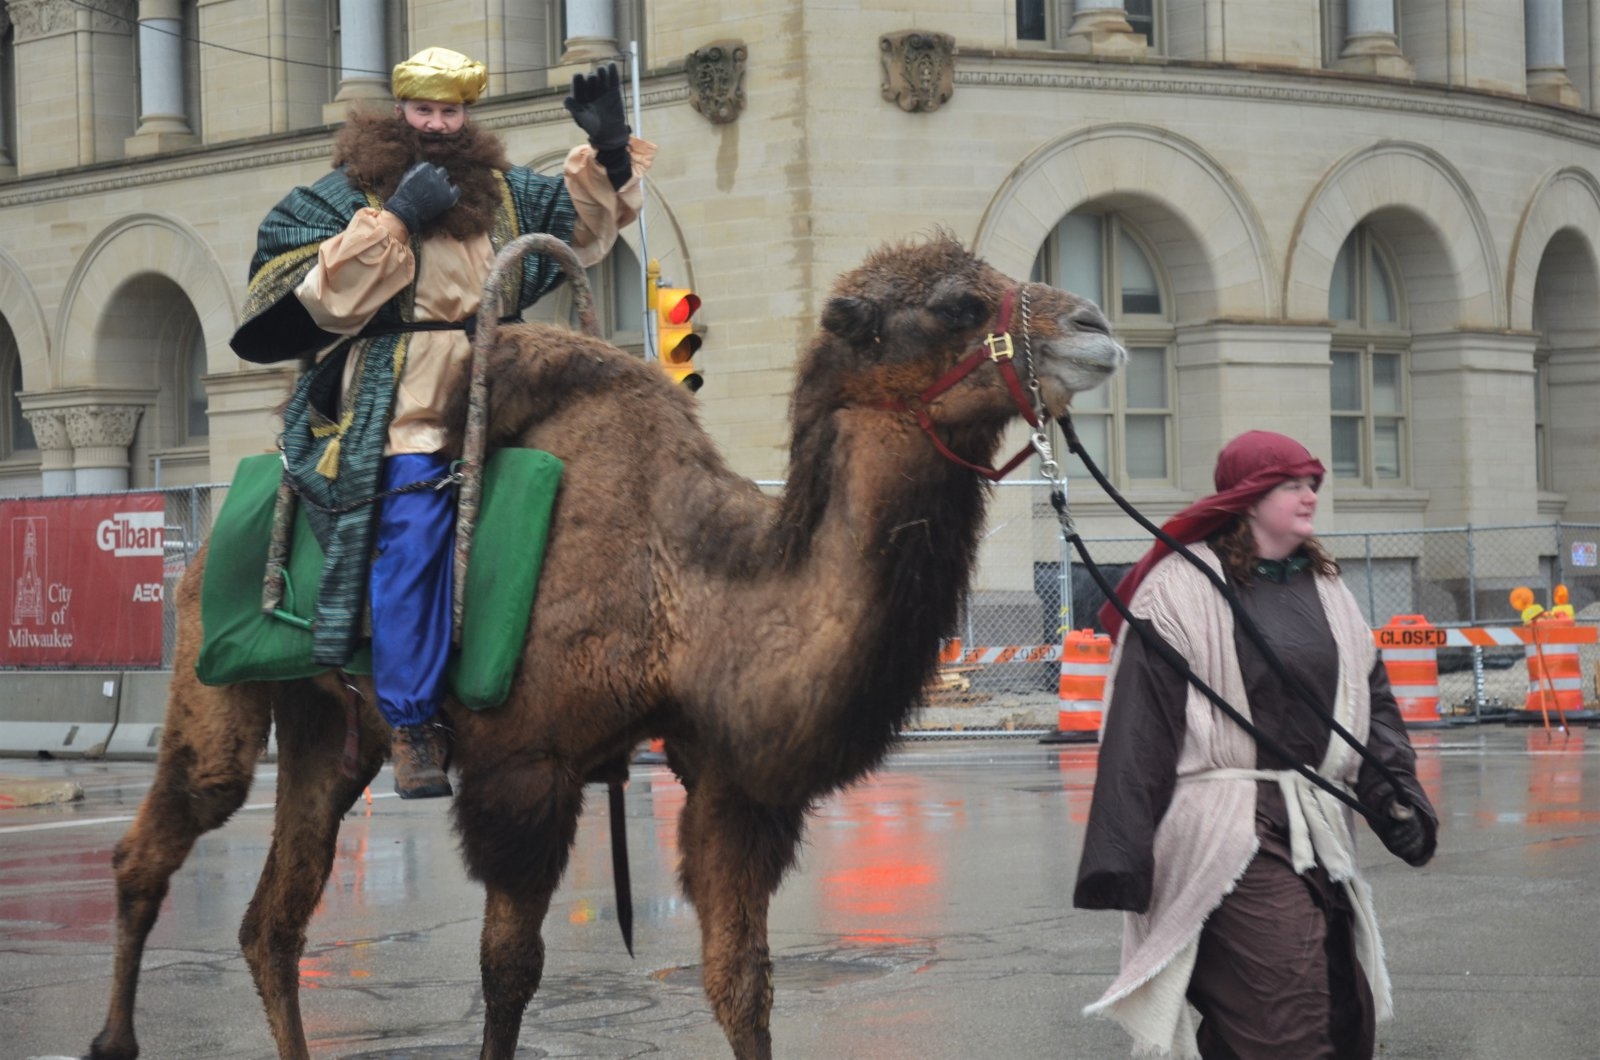 Camel and Magi